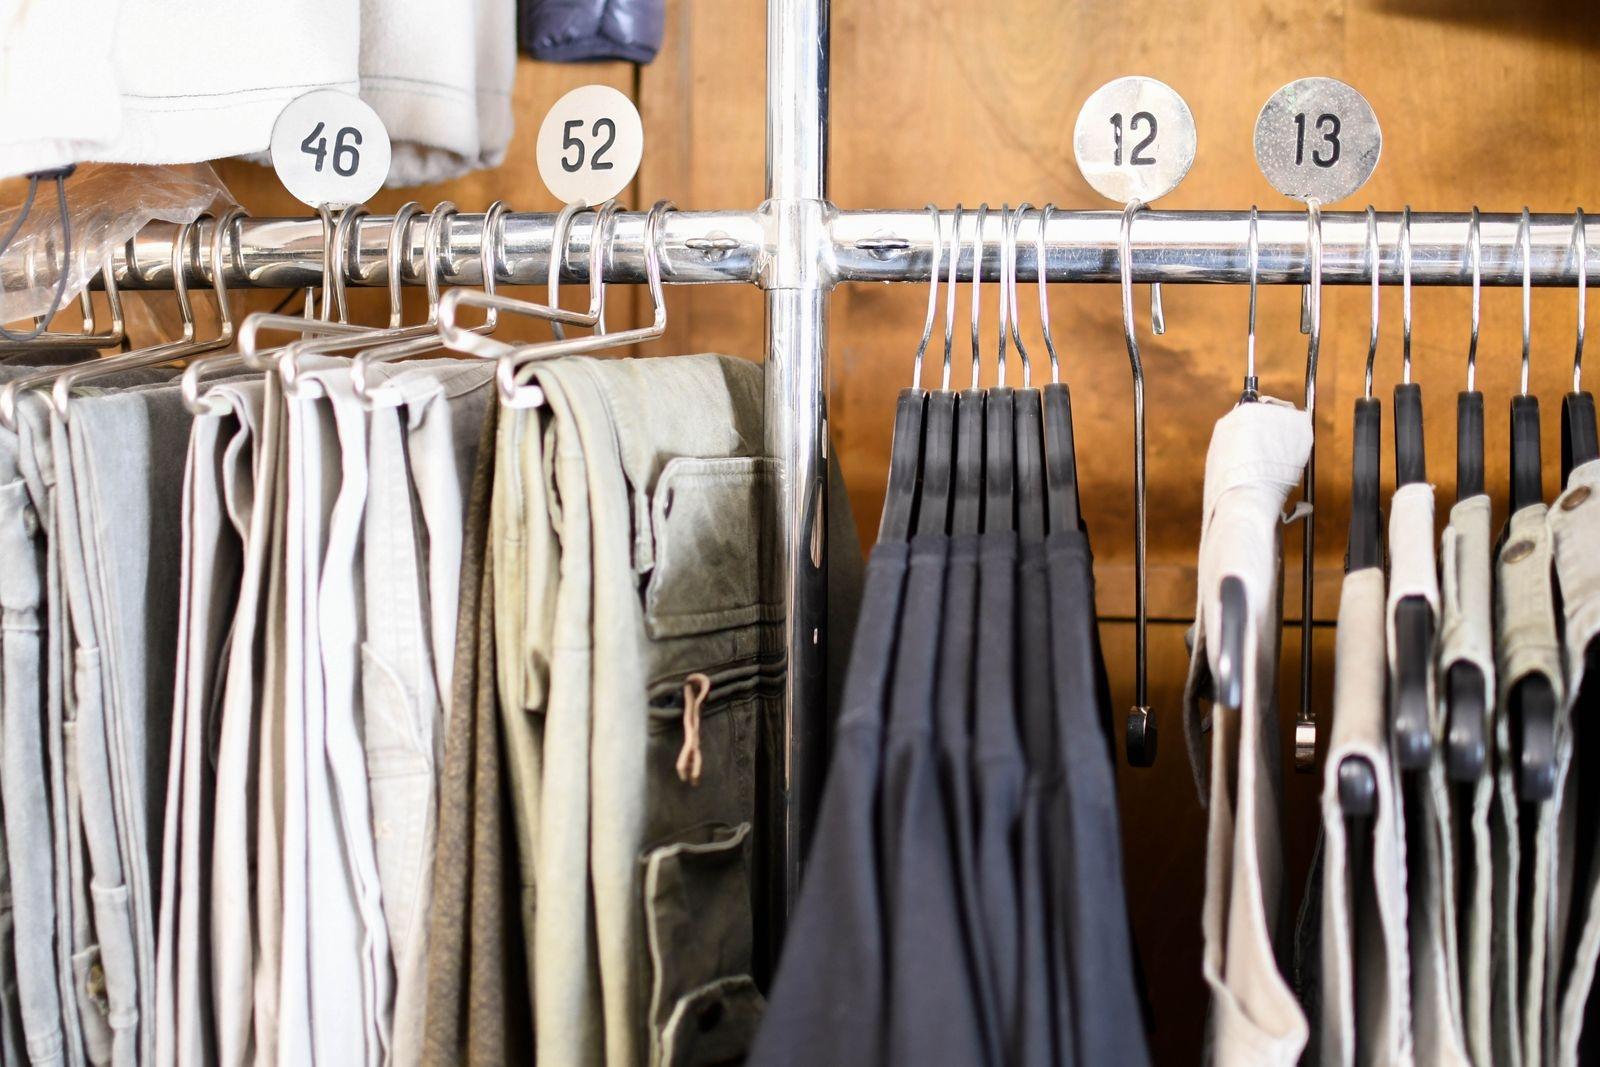 Klädställningar, köpmannadisk, lampor, slipsställ och Nisses gamla stege är exempel på inredning som finns kvar från tiden när Nils Nilsson drev beklädnadsbutiken.